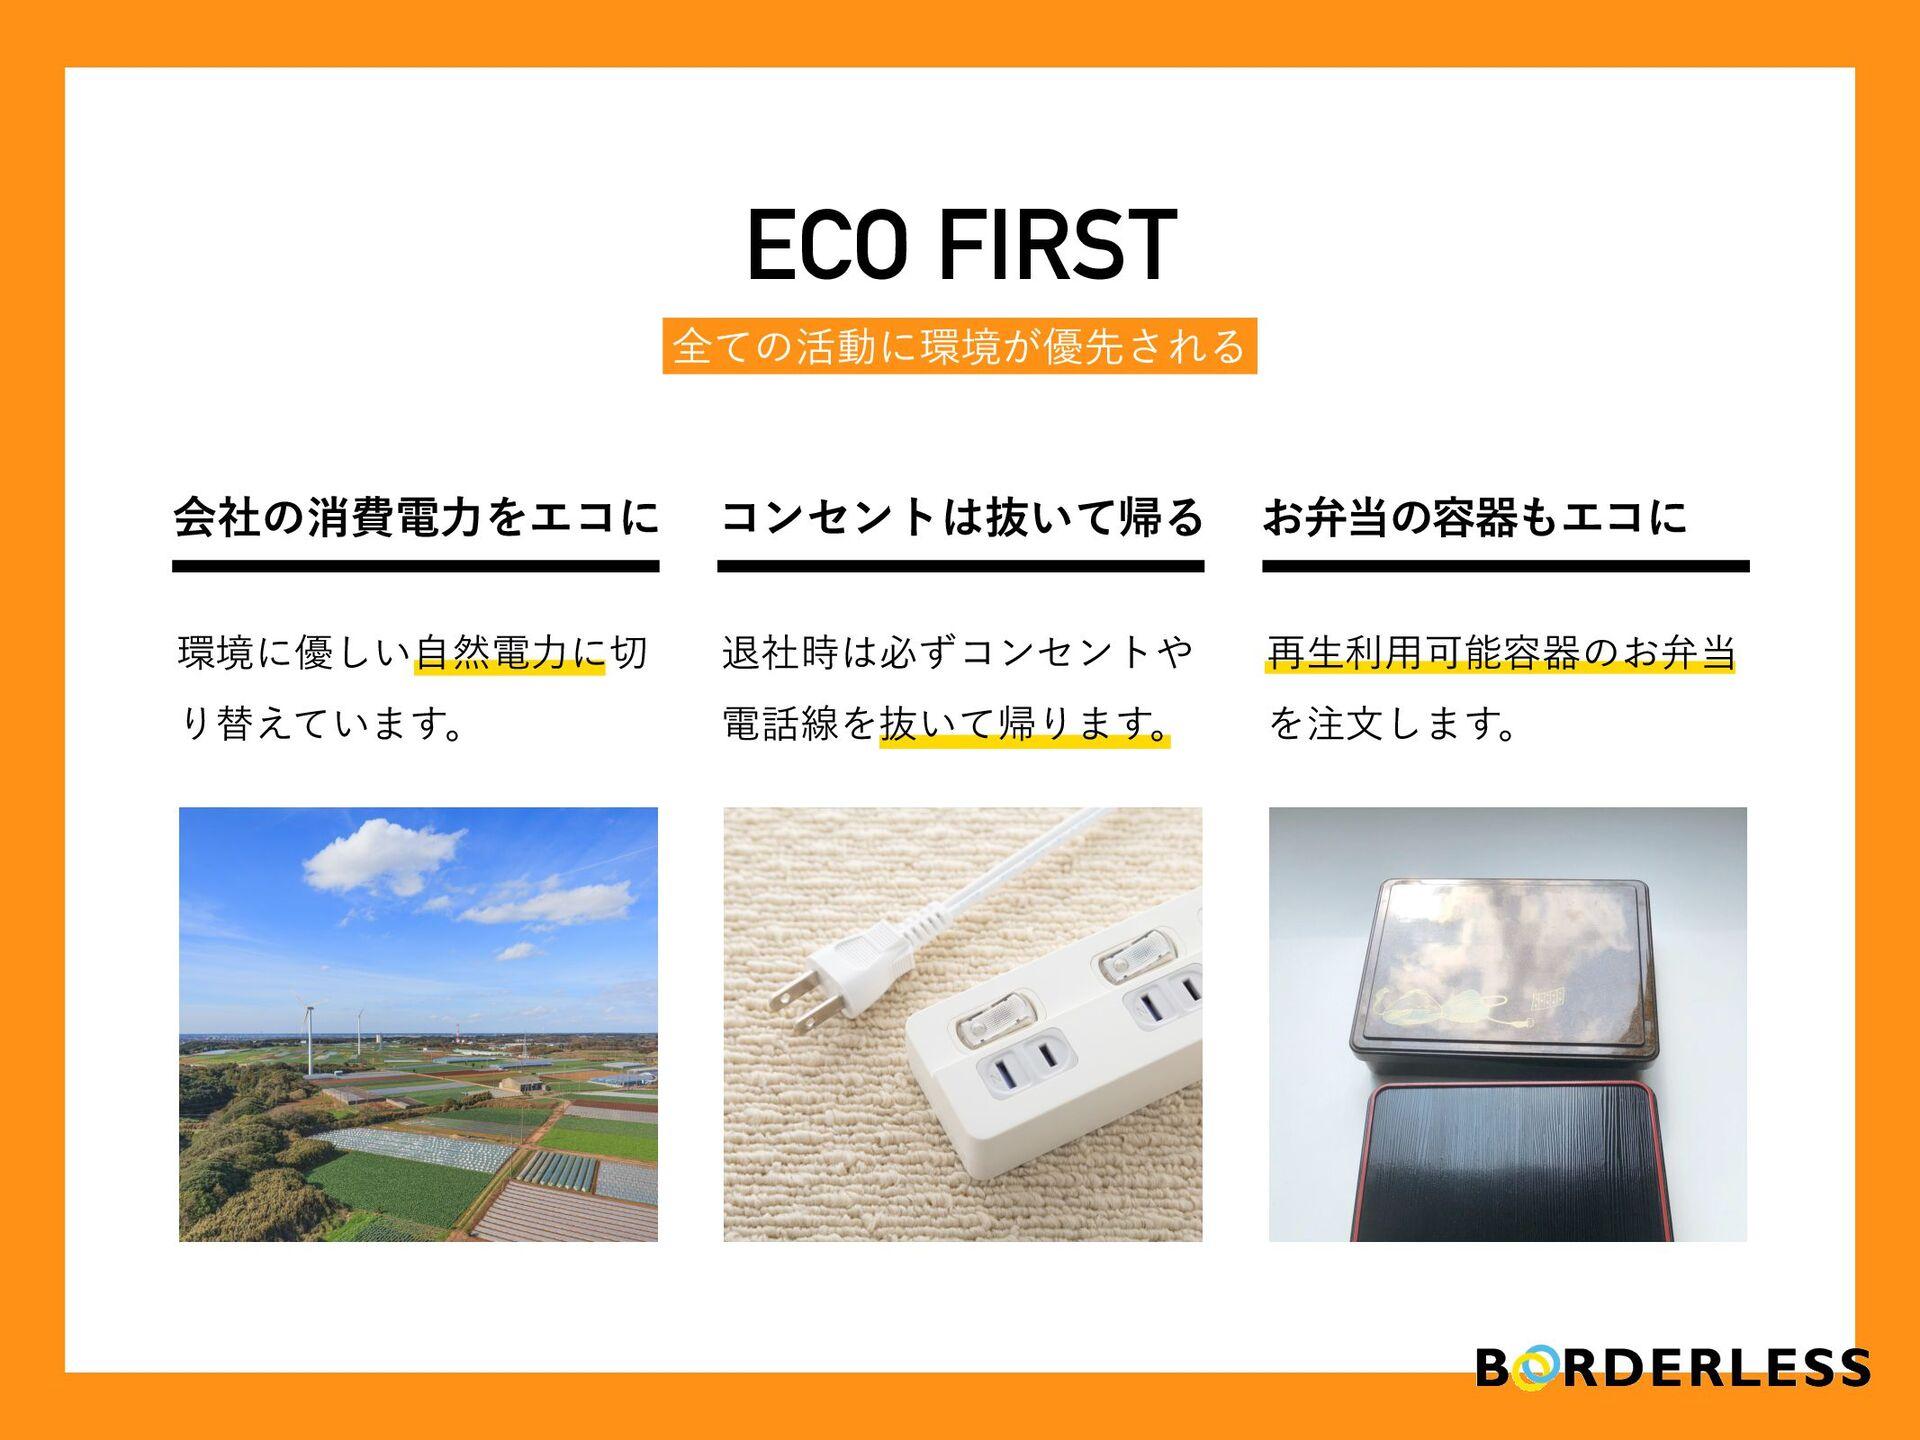 N ECO FIRST શͯͷ׆ಈʹڥ͕༏ઌ͞ΕΔ ڥʹ༏͍ࣗ͠વిྗʹ Γସ͍͑ͯ·͢...